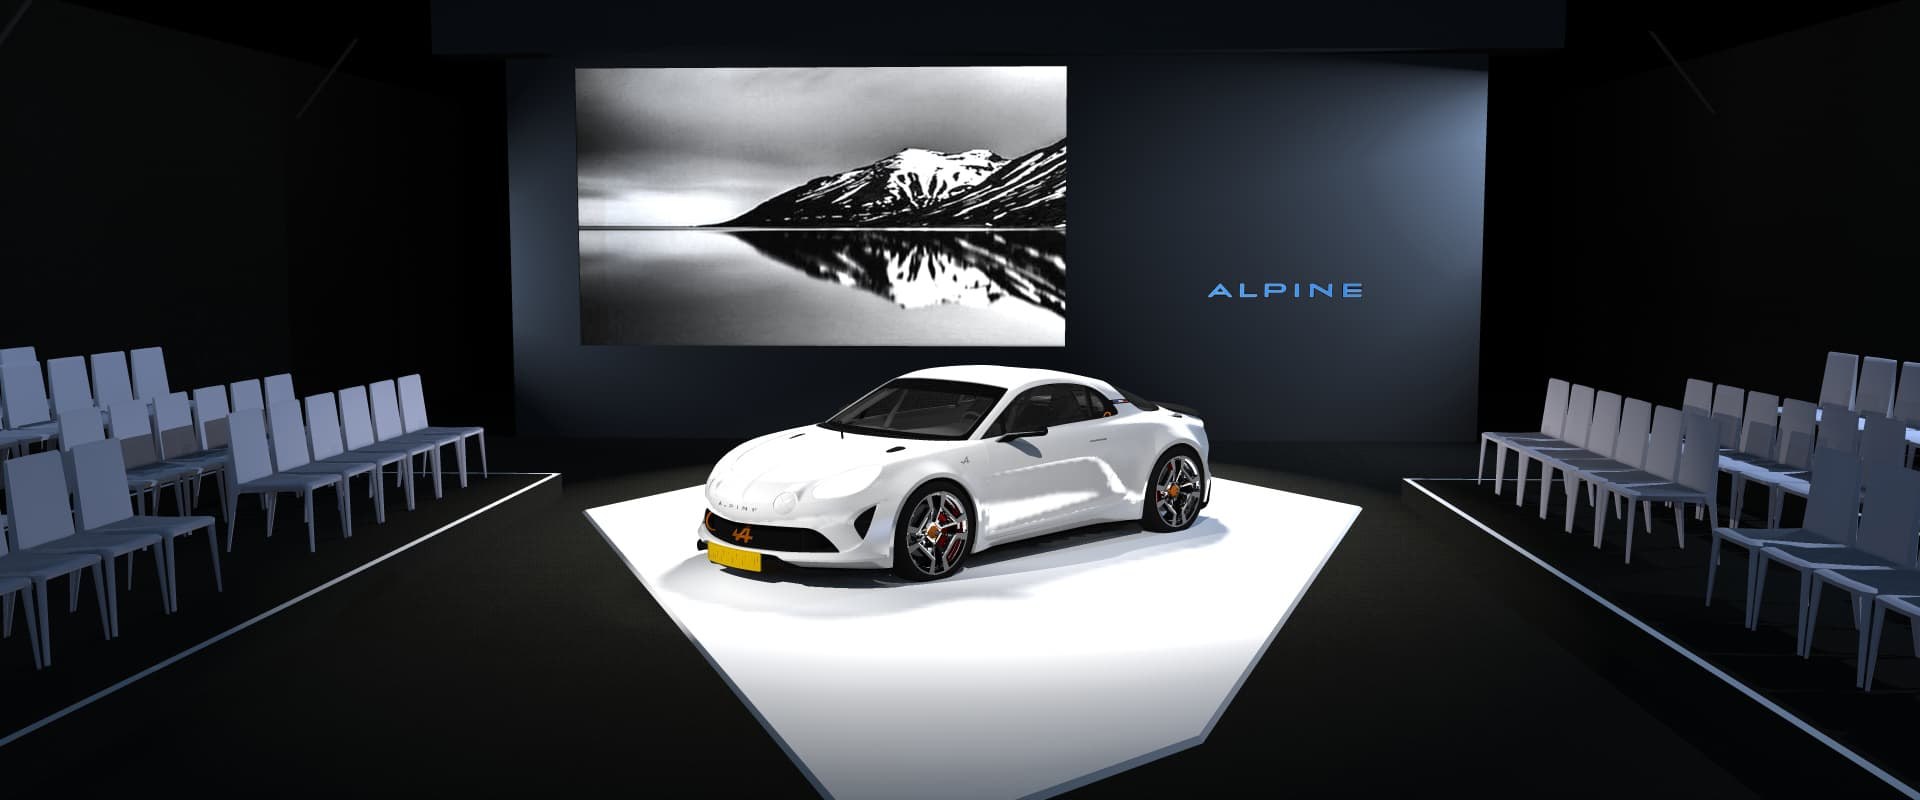 L' Alpine sera révélée à Genève le 7 mars